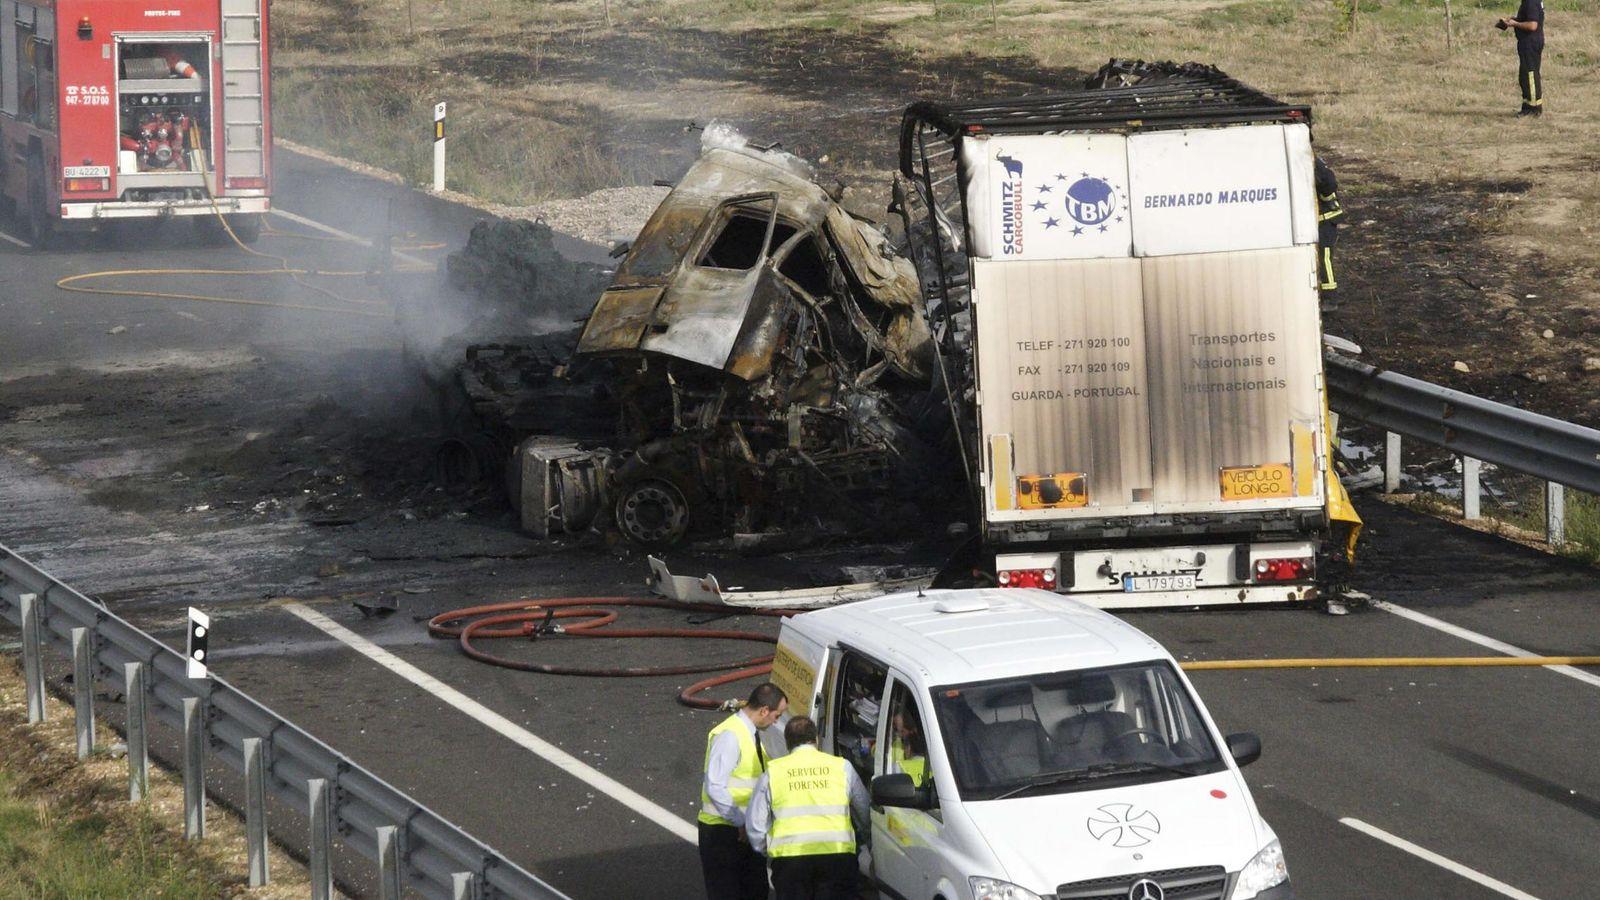 Foto: imagen de archivo de un accidente en la N-1. (EFE)